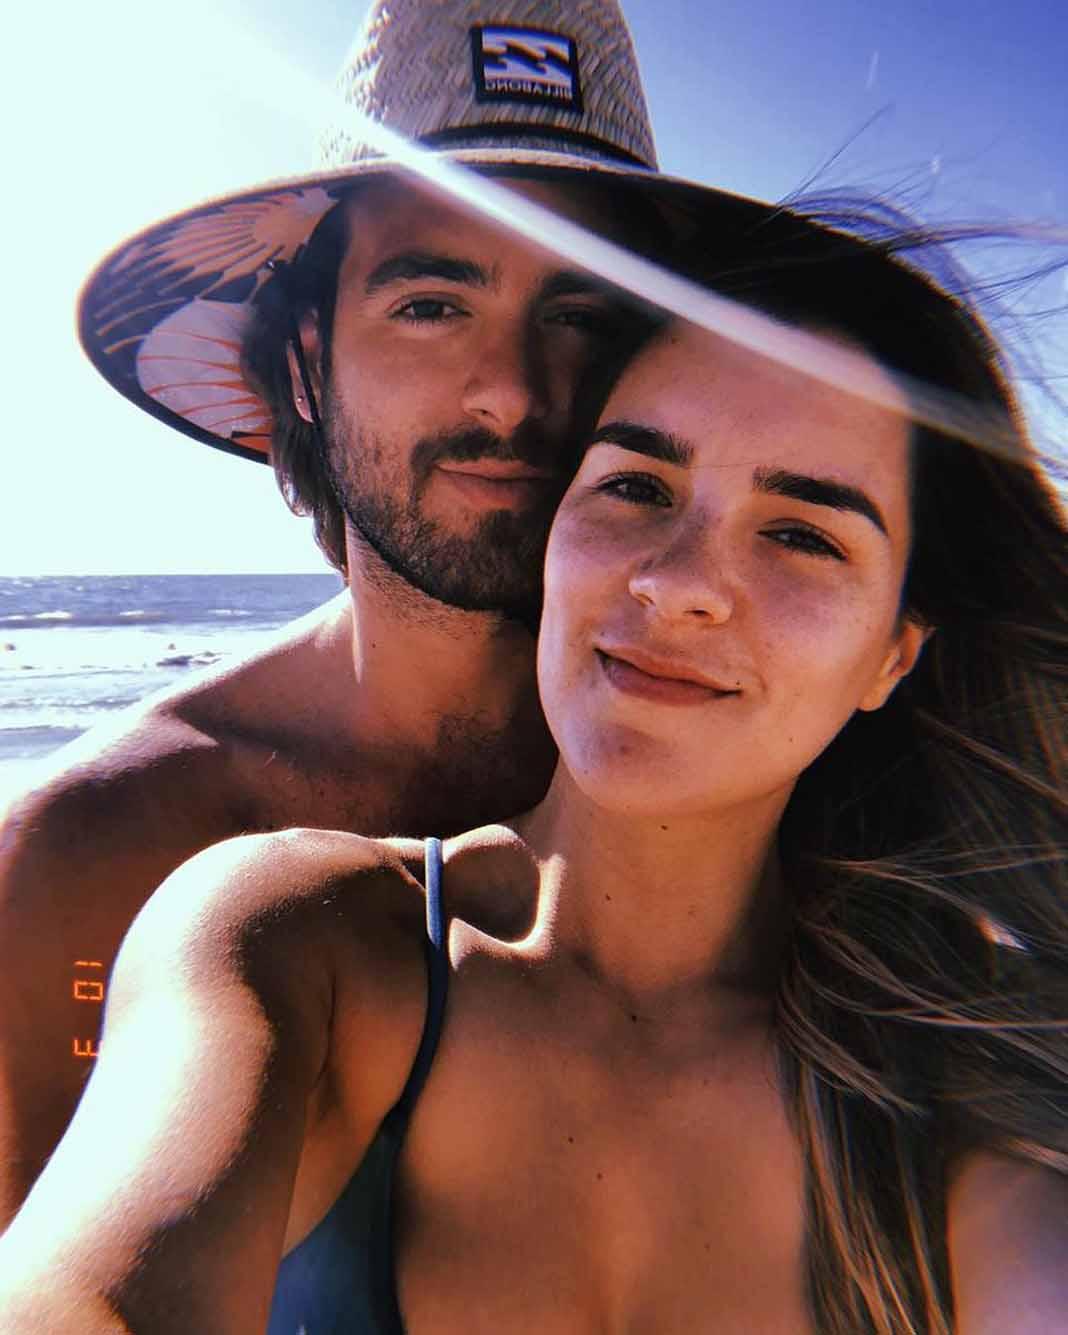 Pablo acababa de pasar unos días en Miami con su esposa Ana Araujo y sus hijos Arantza y Mauro